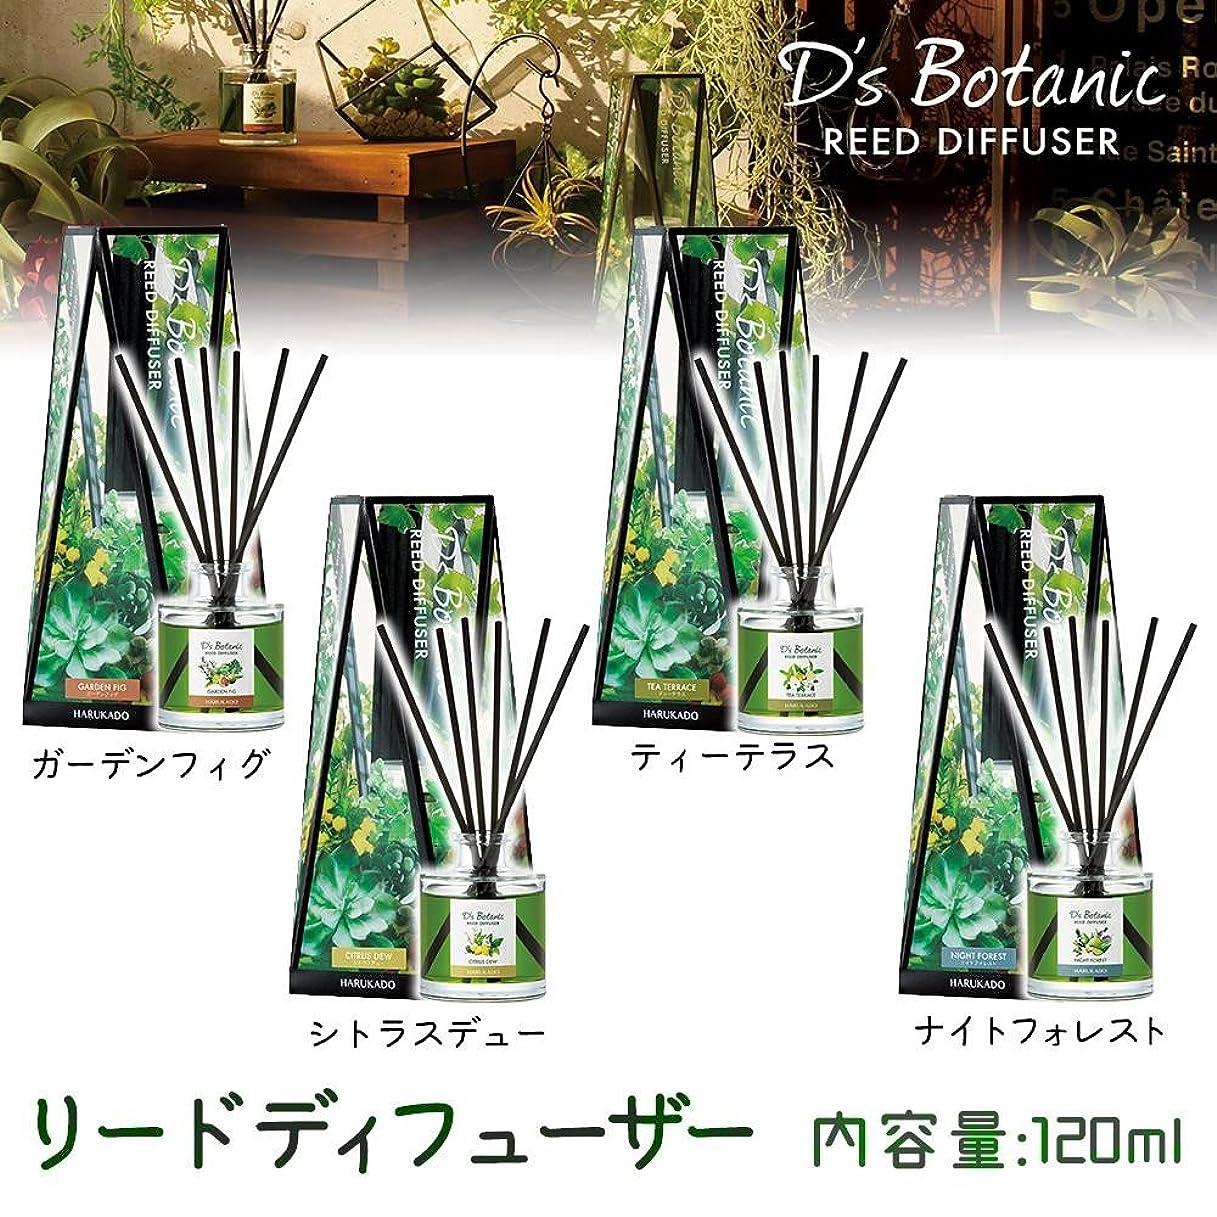 締める王女虹D'S Botanic(デイズボタニック) リードディフューザー ルームフレグランス 120ml シトラスデュー?6229【人気 おすすめ 】